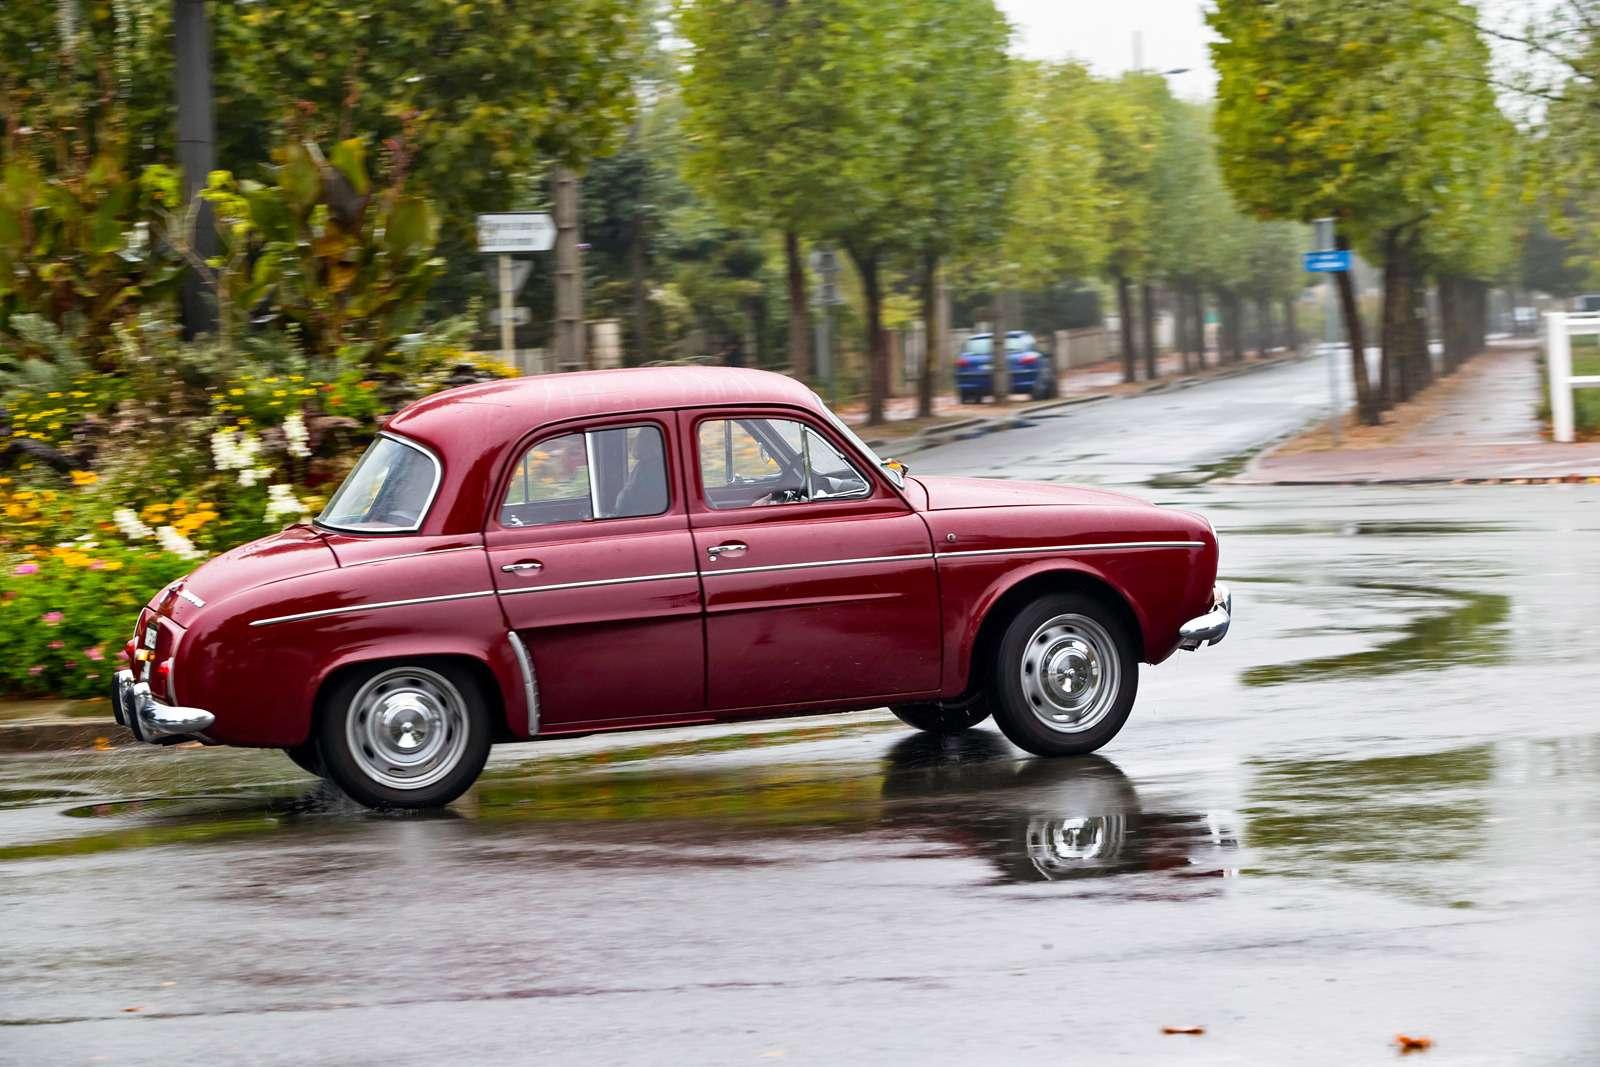 23-Renault-old_zr-01_16